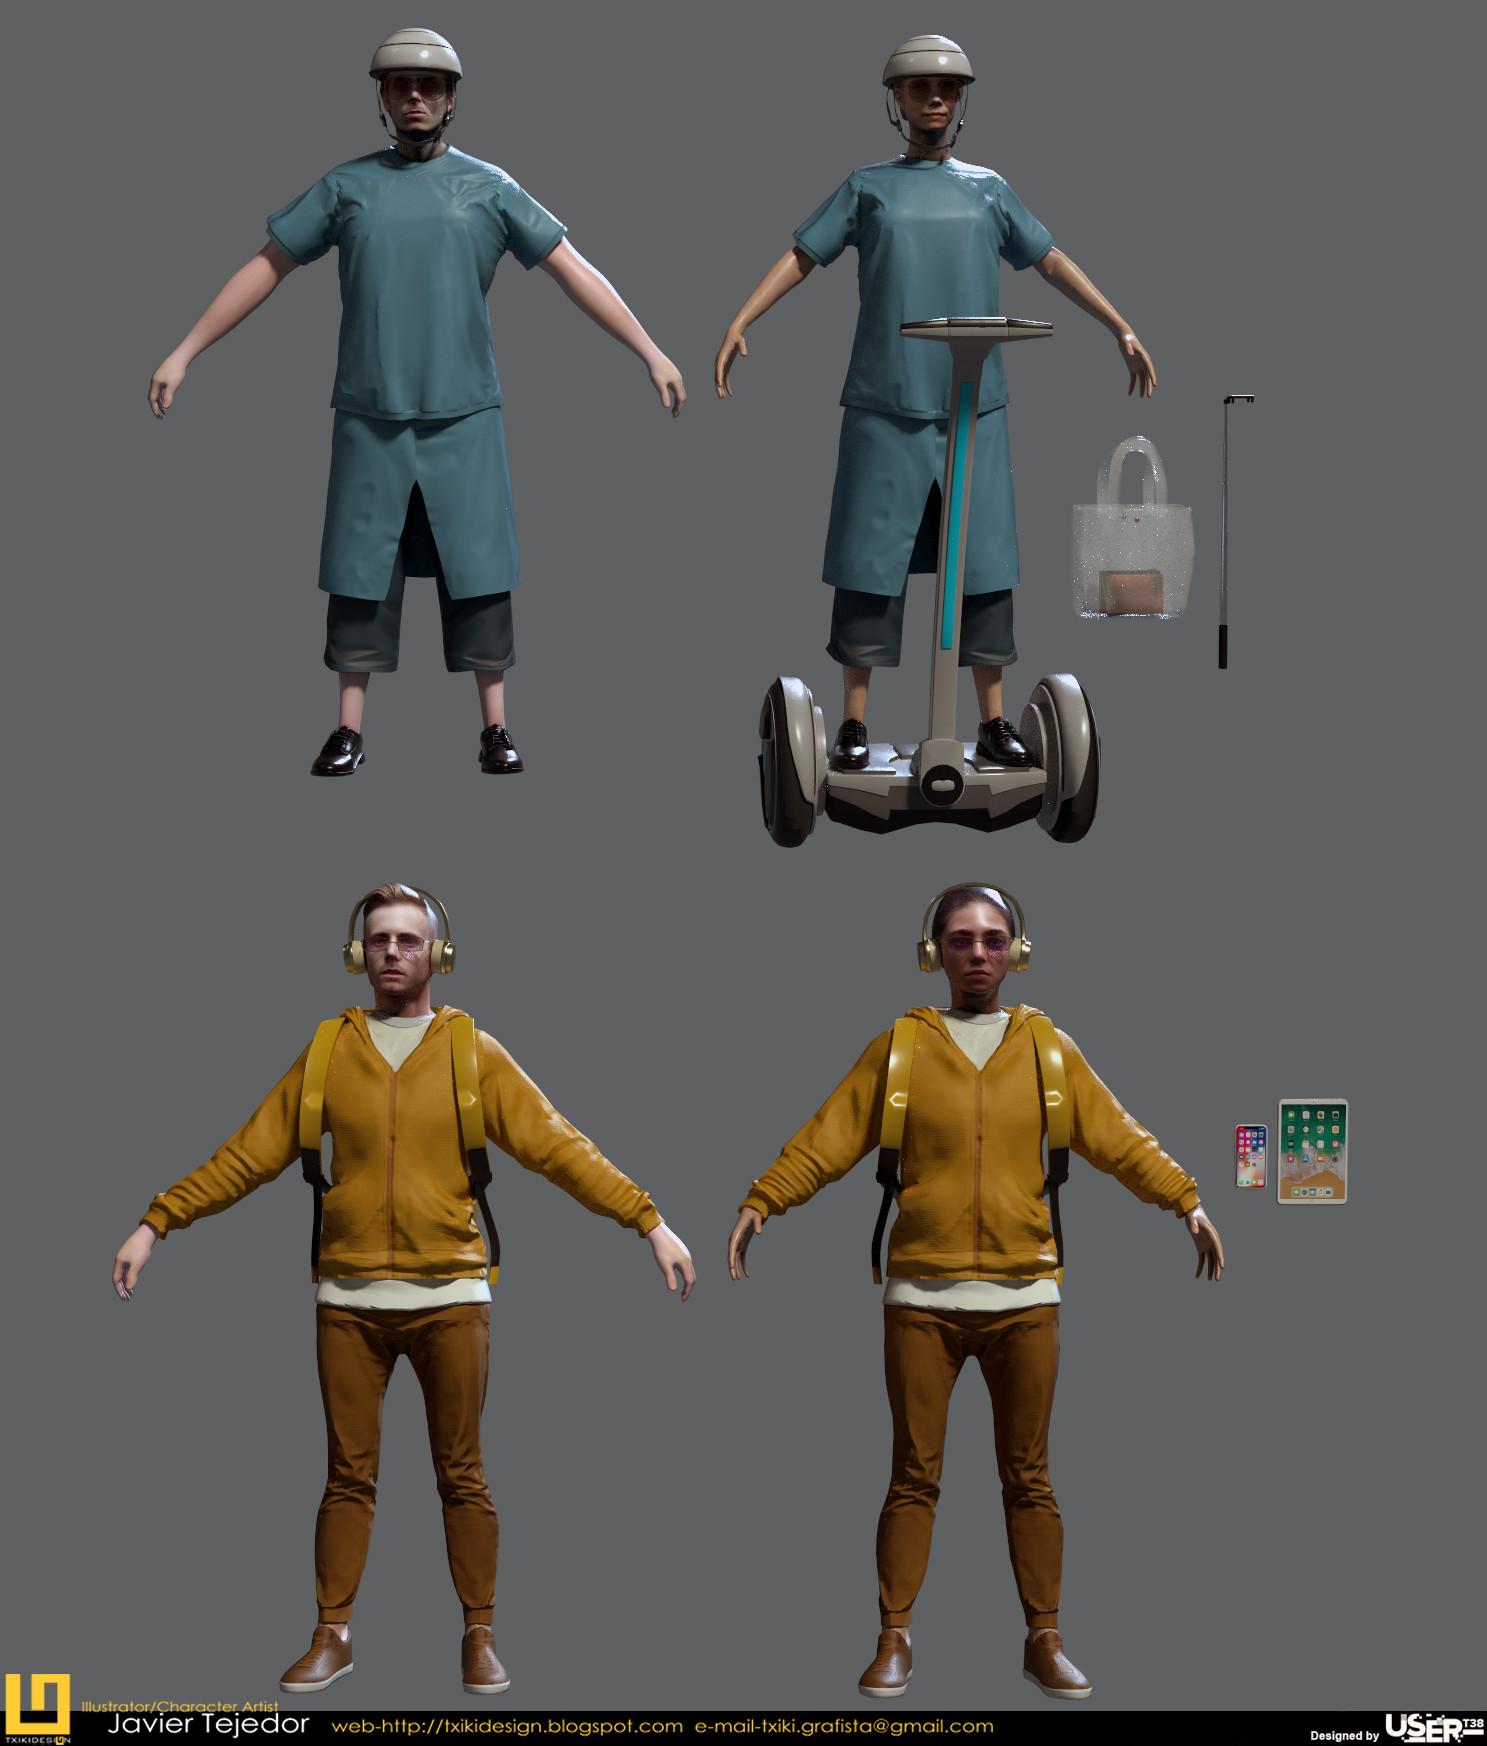 ArtStation - Characters Golf GTI, Javier